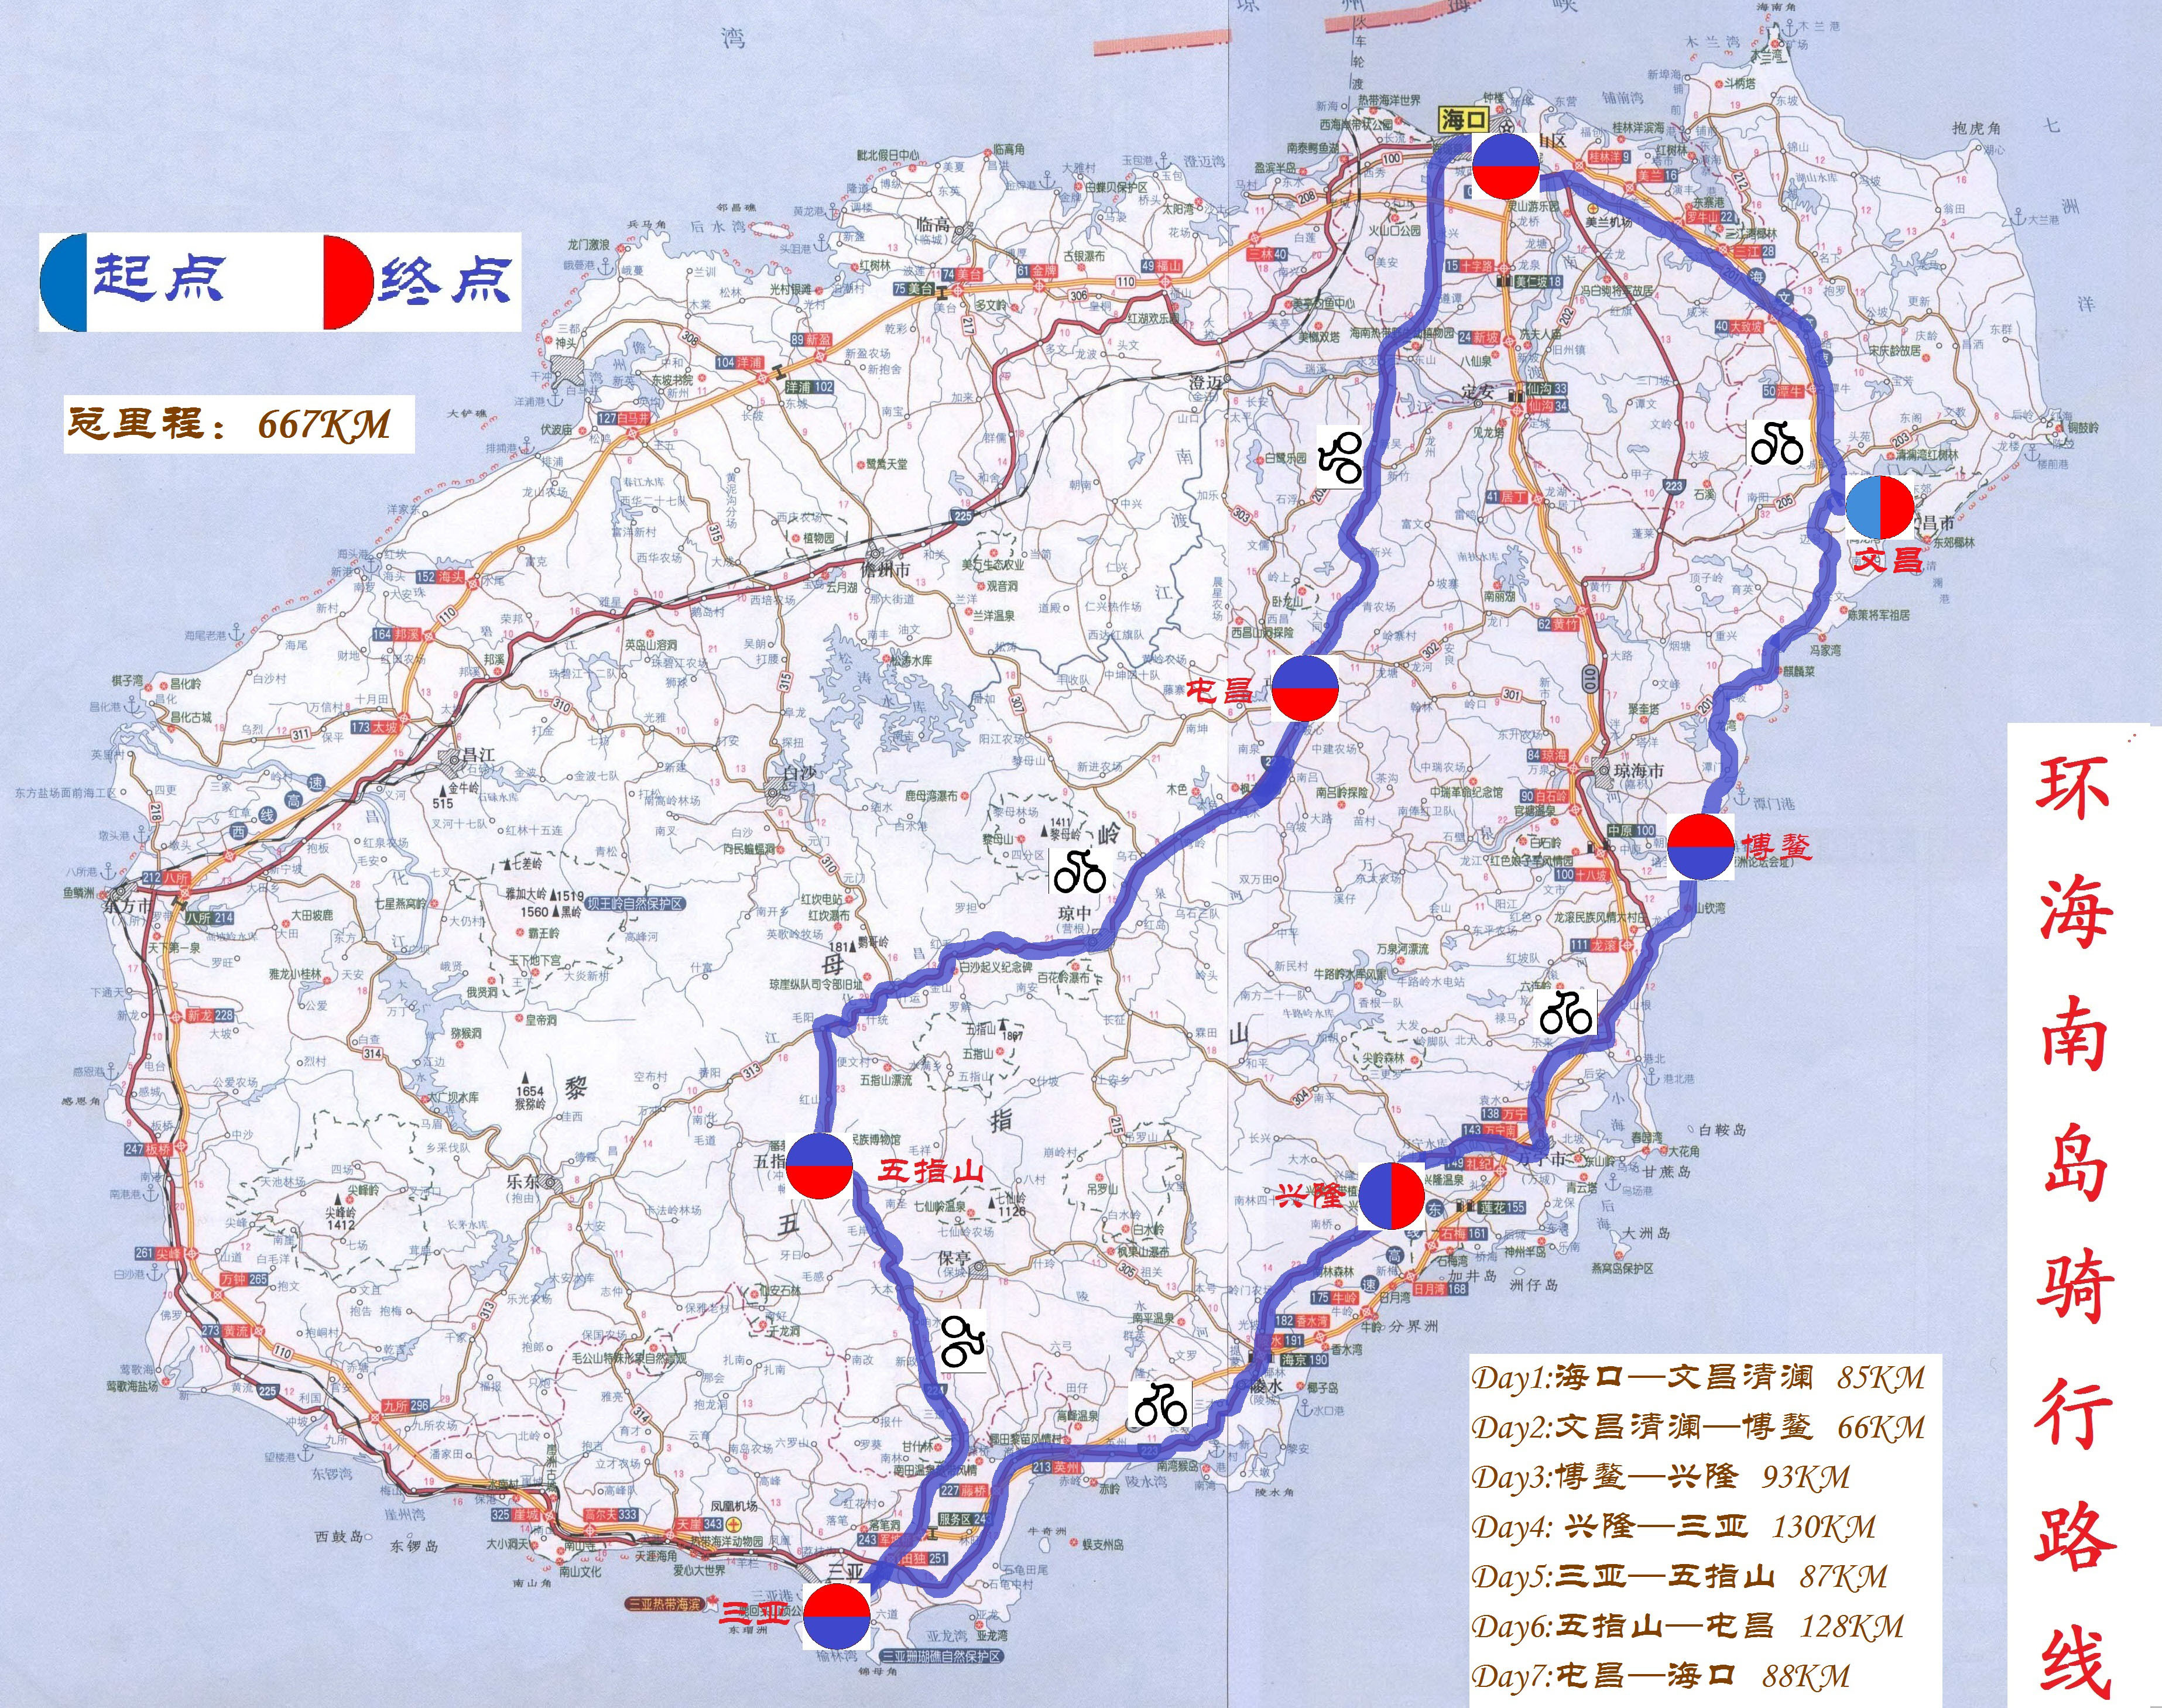 淡美兰群岛地图